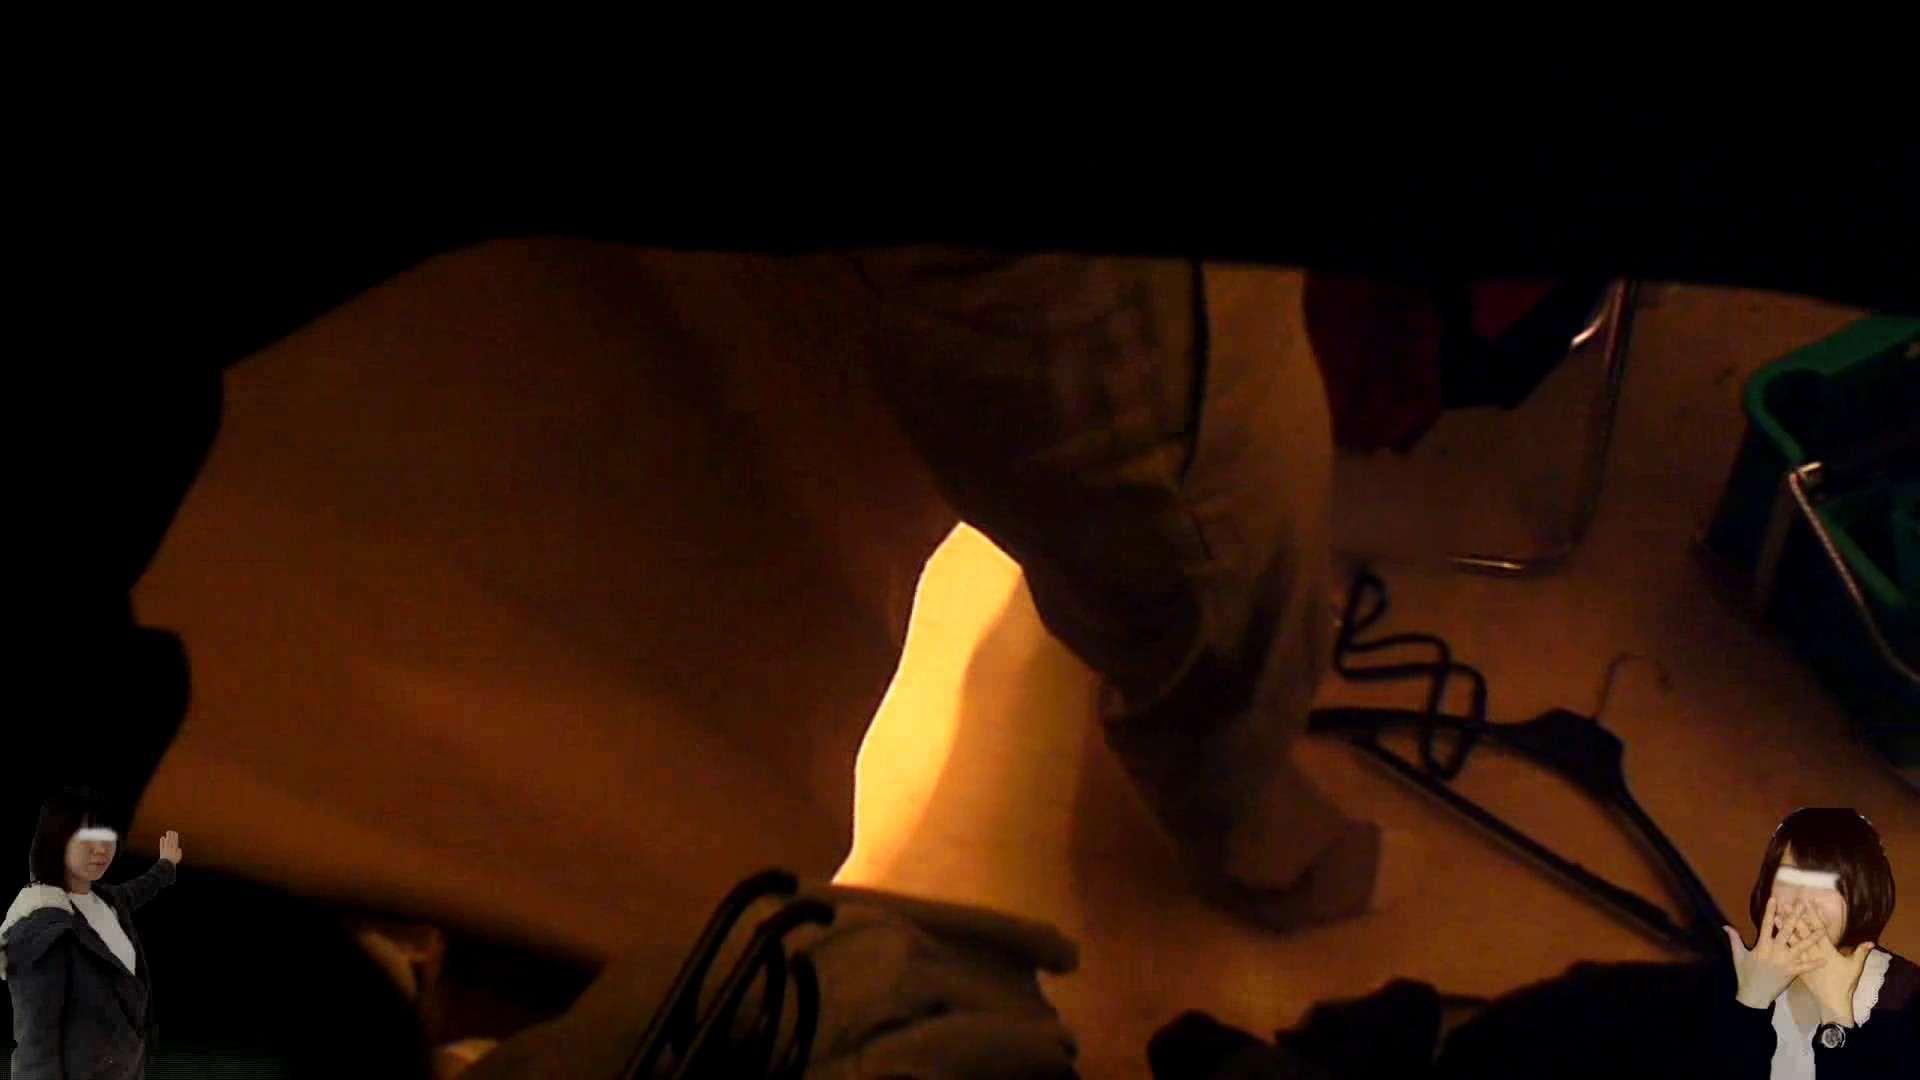 素人投稿 現役「JD」Eちゃんの着替え Vol.05 着替え | 投稿  78pic 53